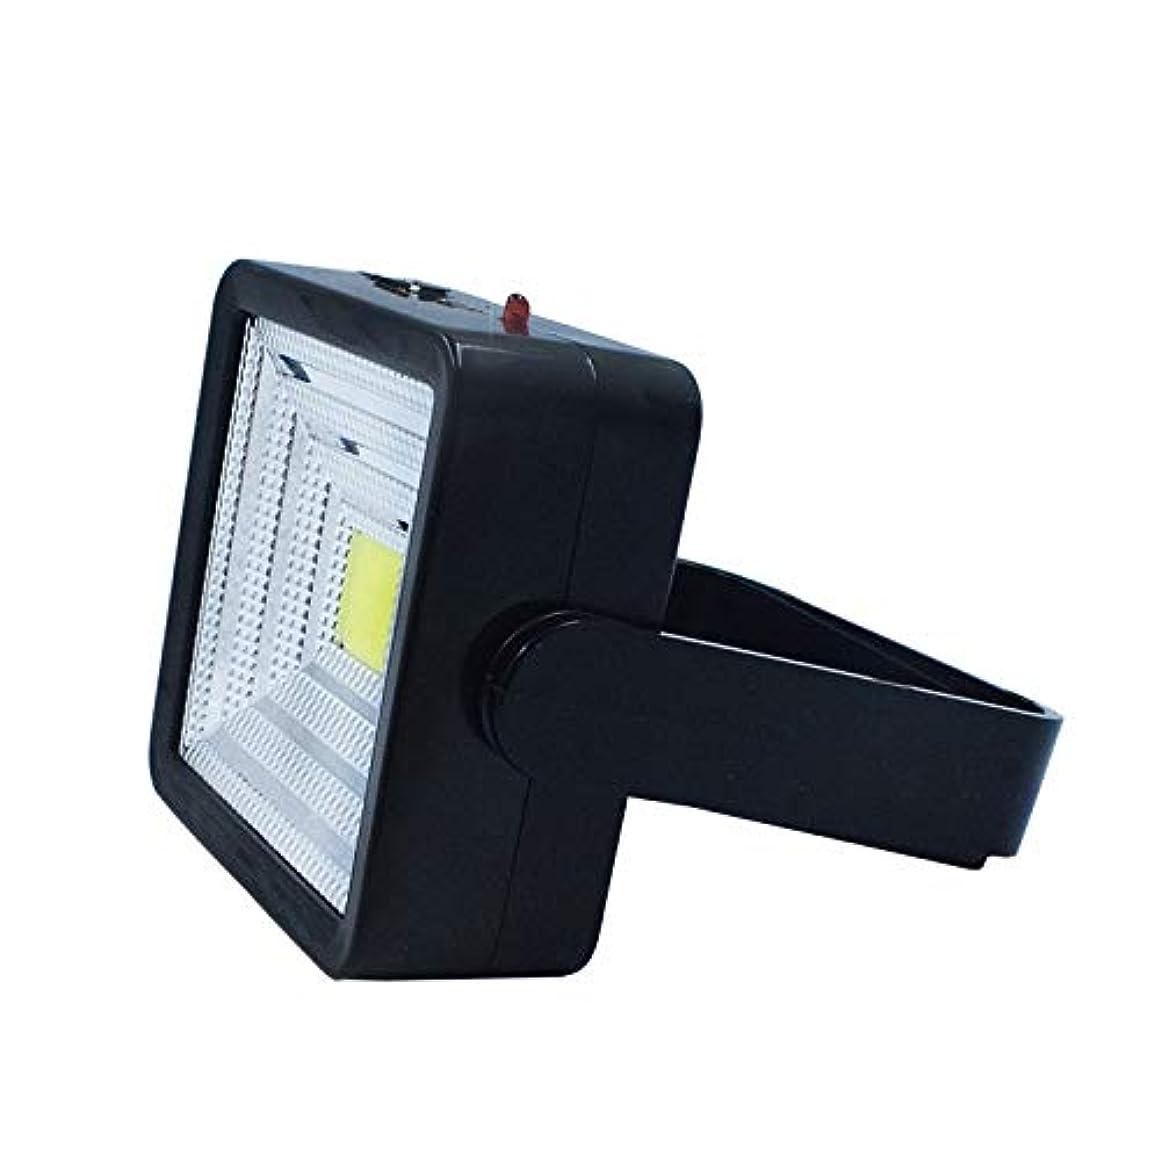 米ドルチャネル追加Chaopeng ソーラーライト屋外用モーションセンサーライト、高効率ソーラーパネル付き、防水IP65、広い照射角、設置が簡単、キャンプ用、緊急用、中庭、携帯用照明